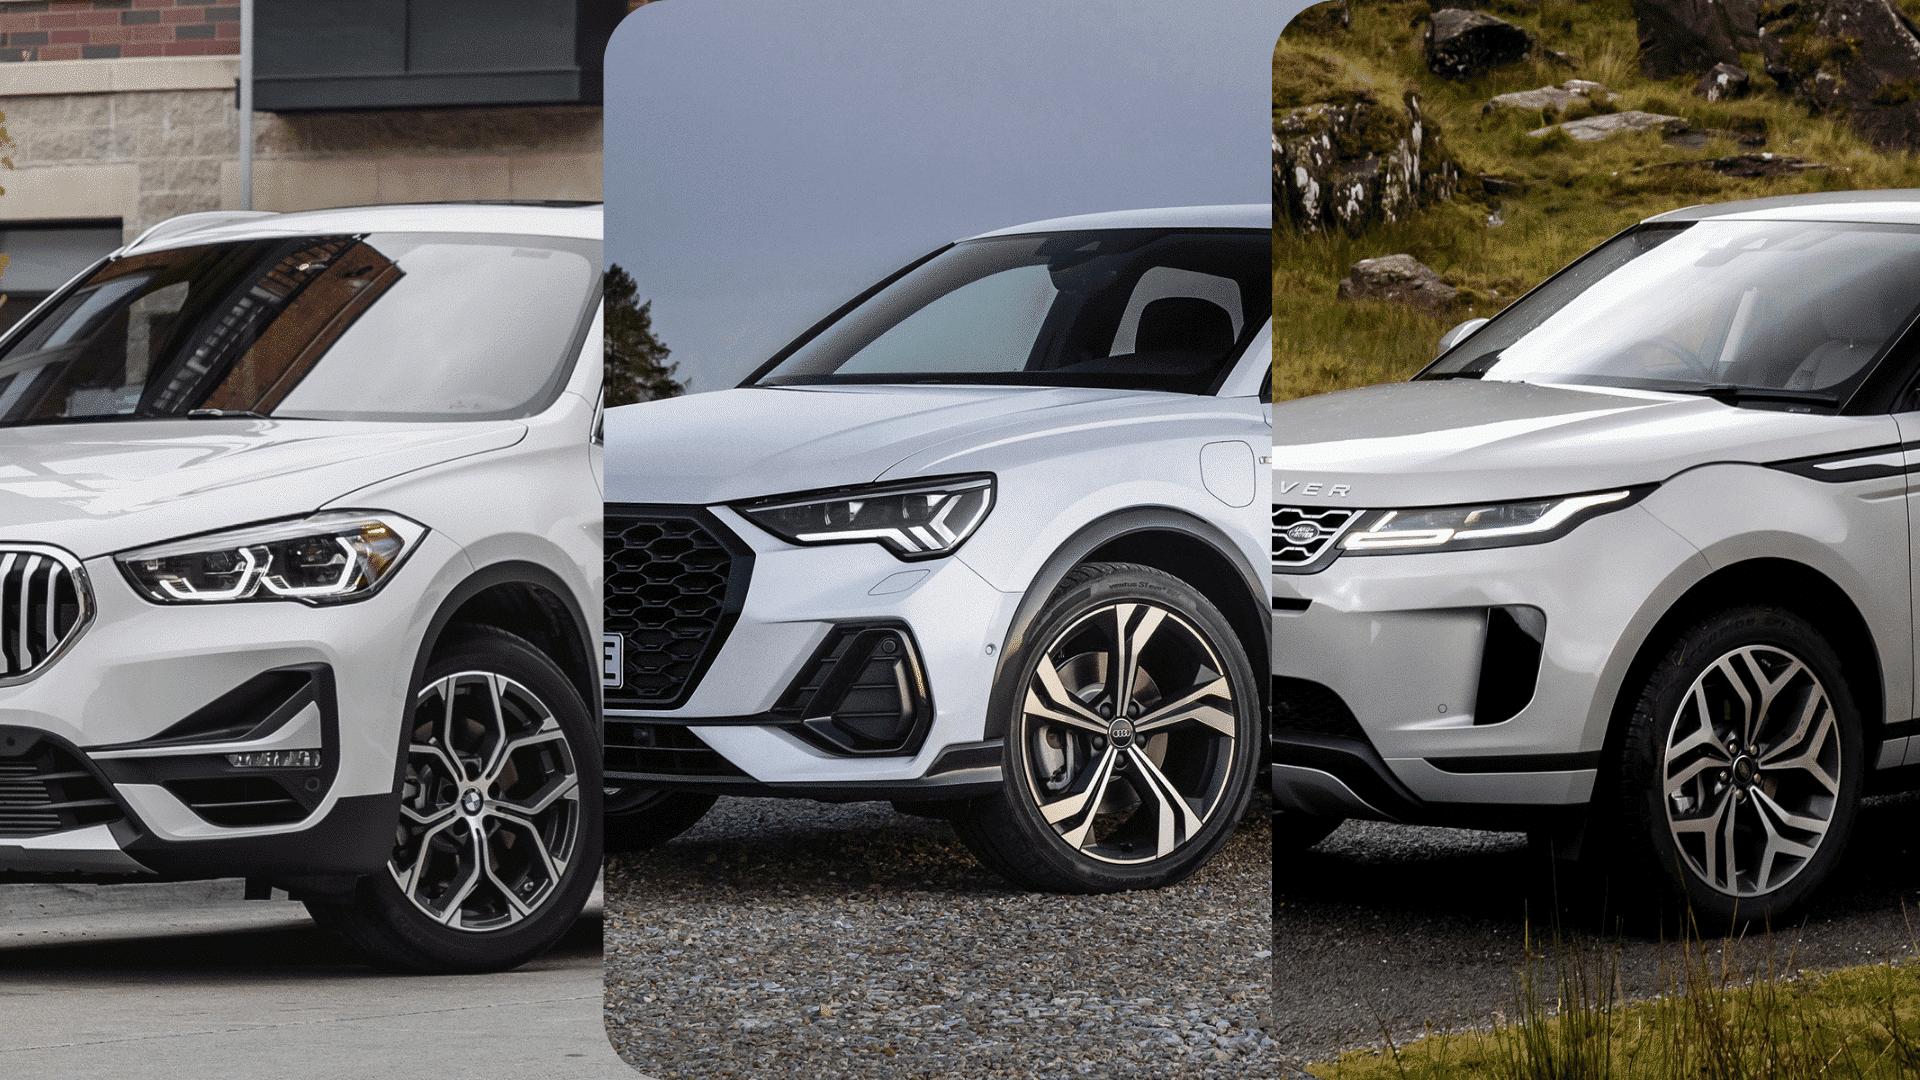 Actualité undefined - Photo d'illustration Comparatif Range Rover Evoque, BMW X1 et Audi Q3